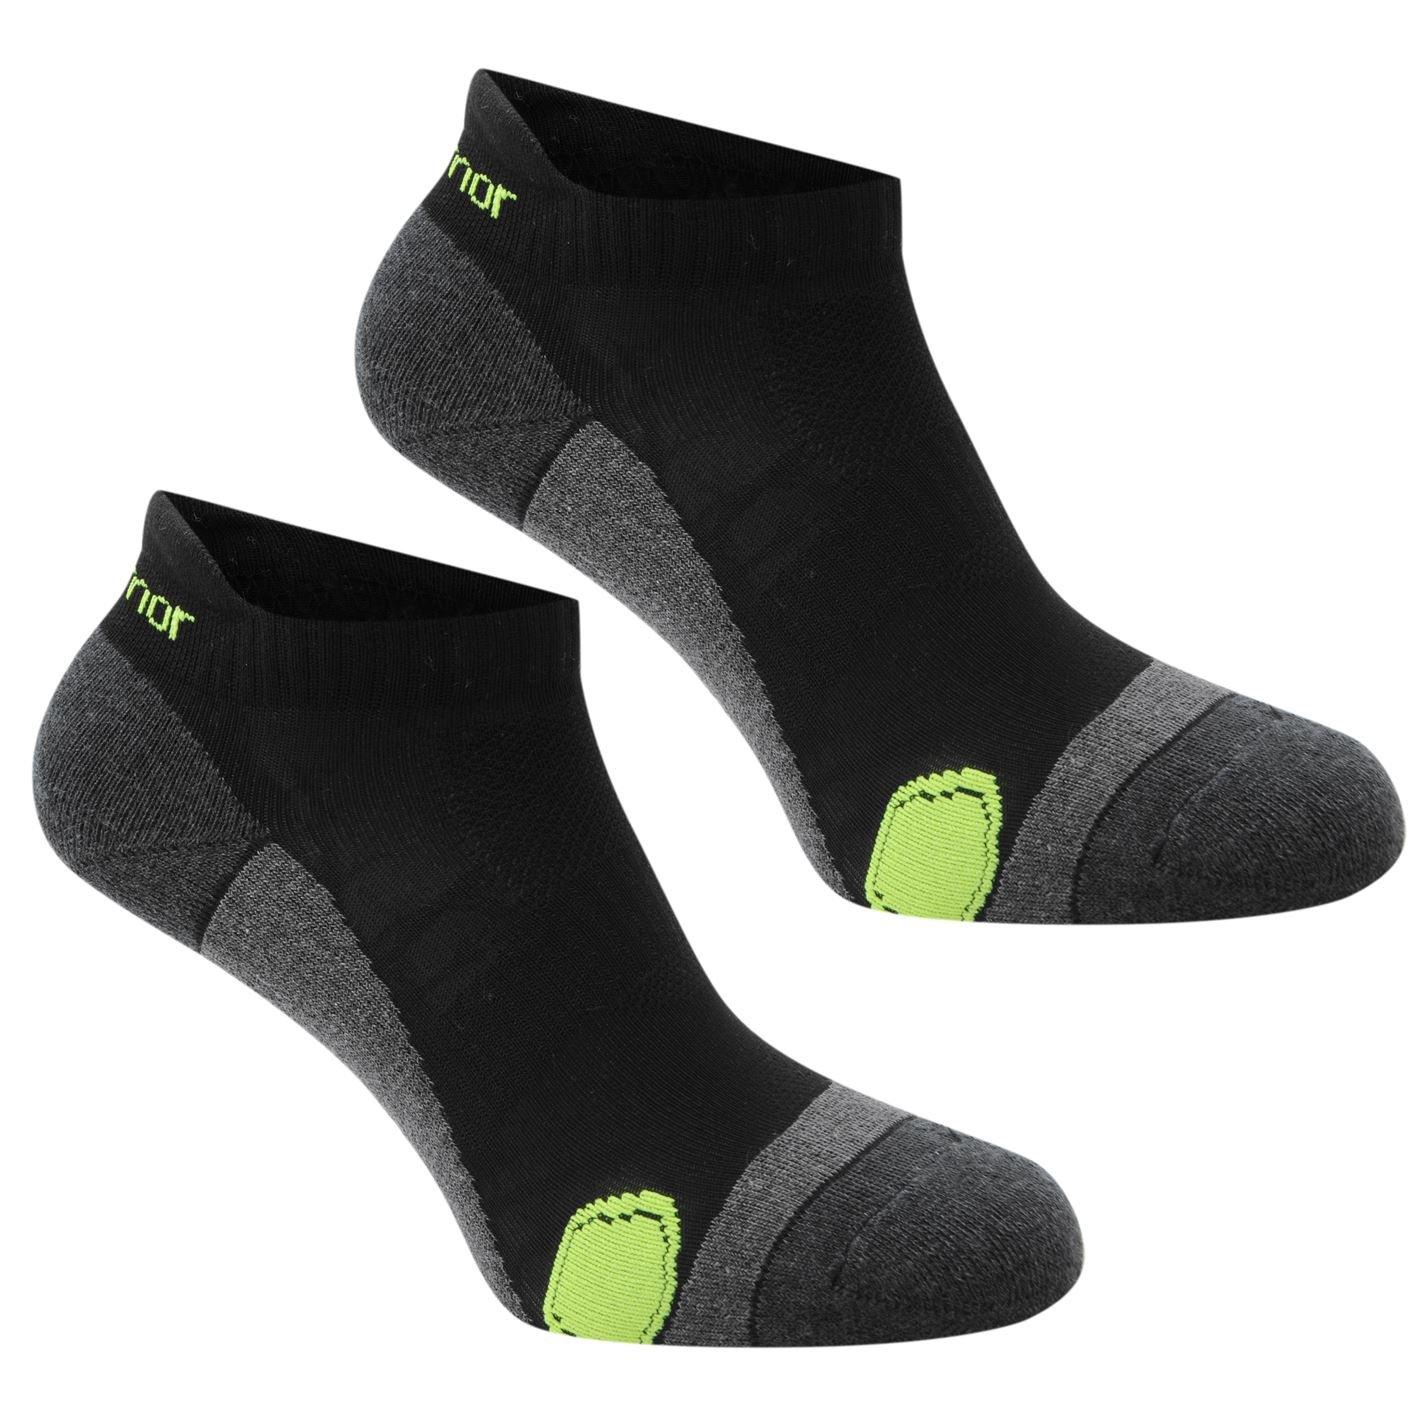 Karrimor Mens 2 Pack Running Sport Socks Moisture Wicking